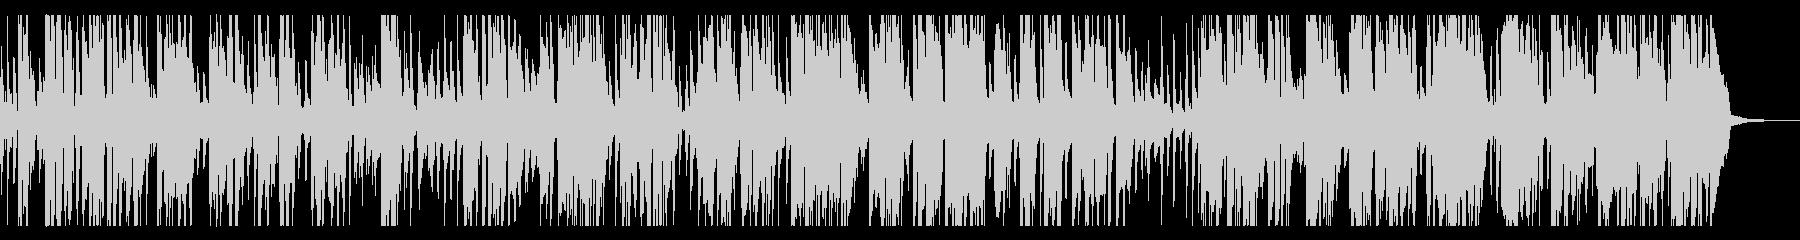 プロ生演奏・陽気なショータイムジャズの未再生の波形